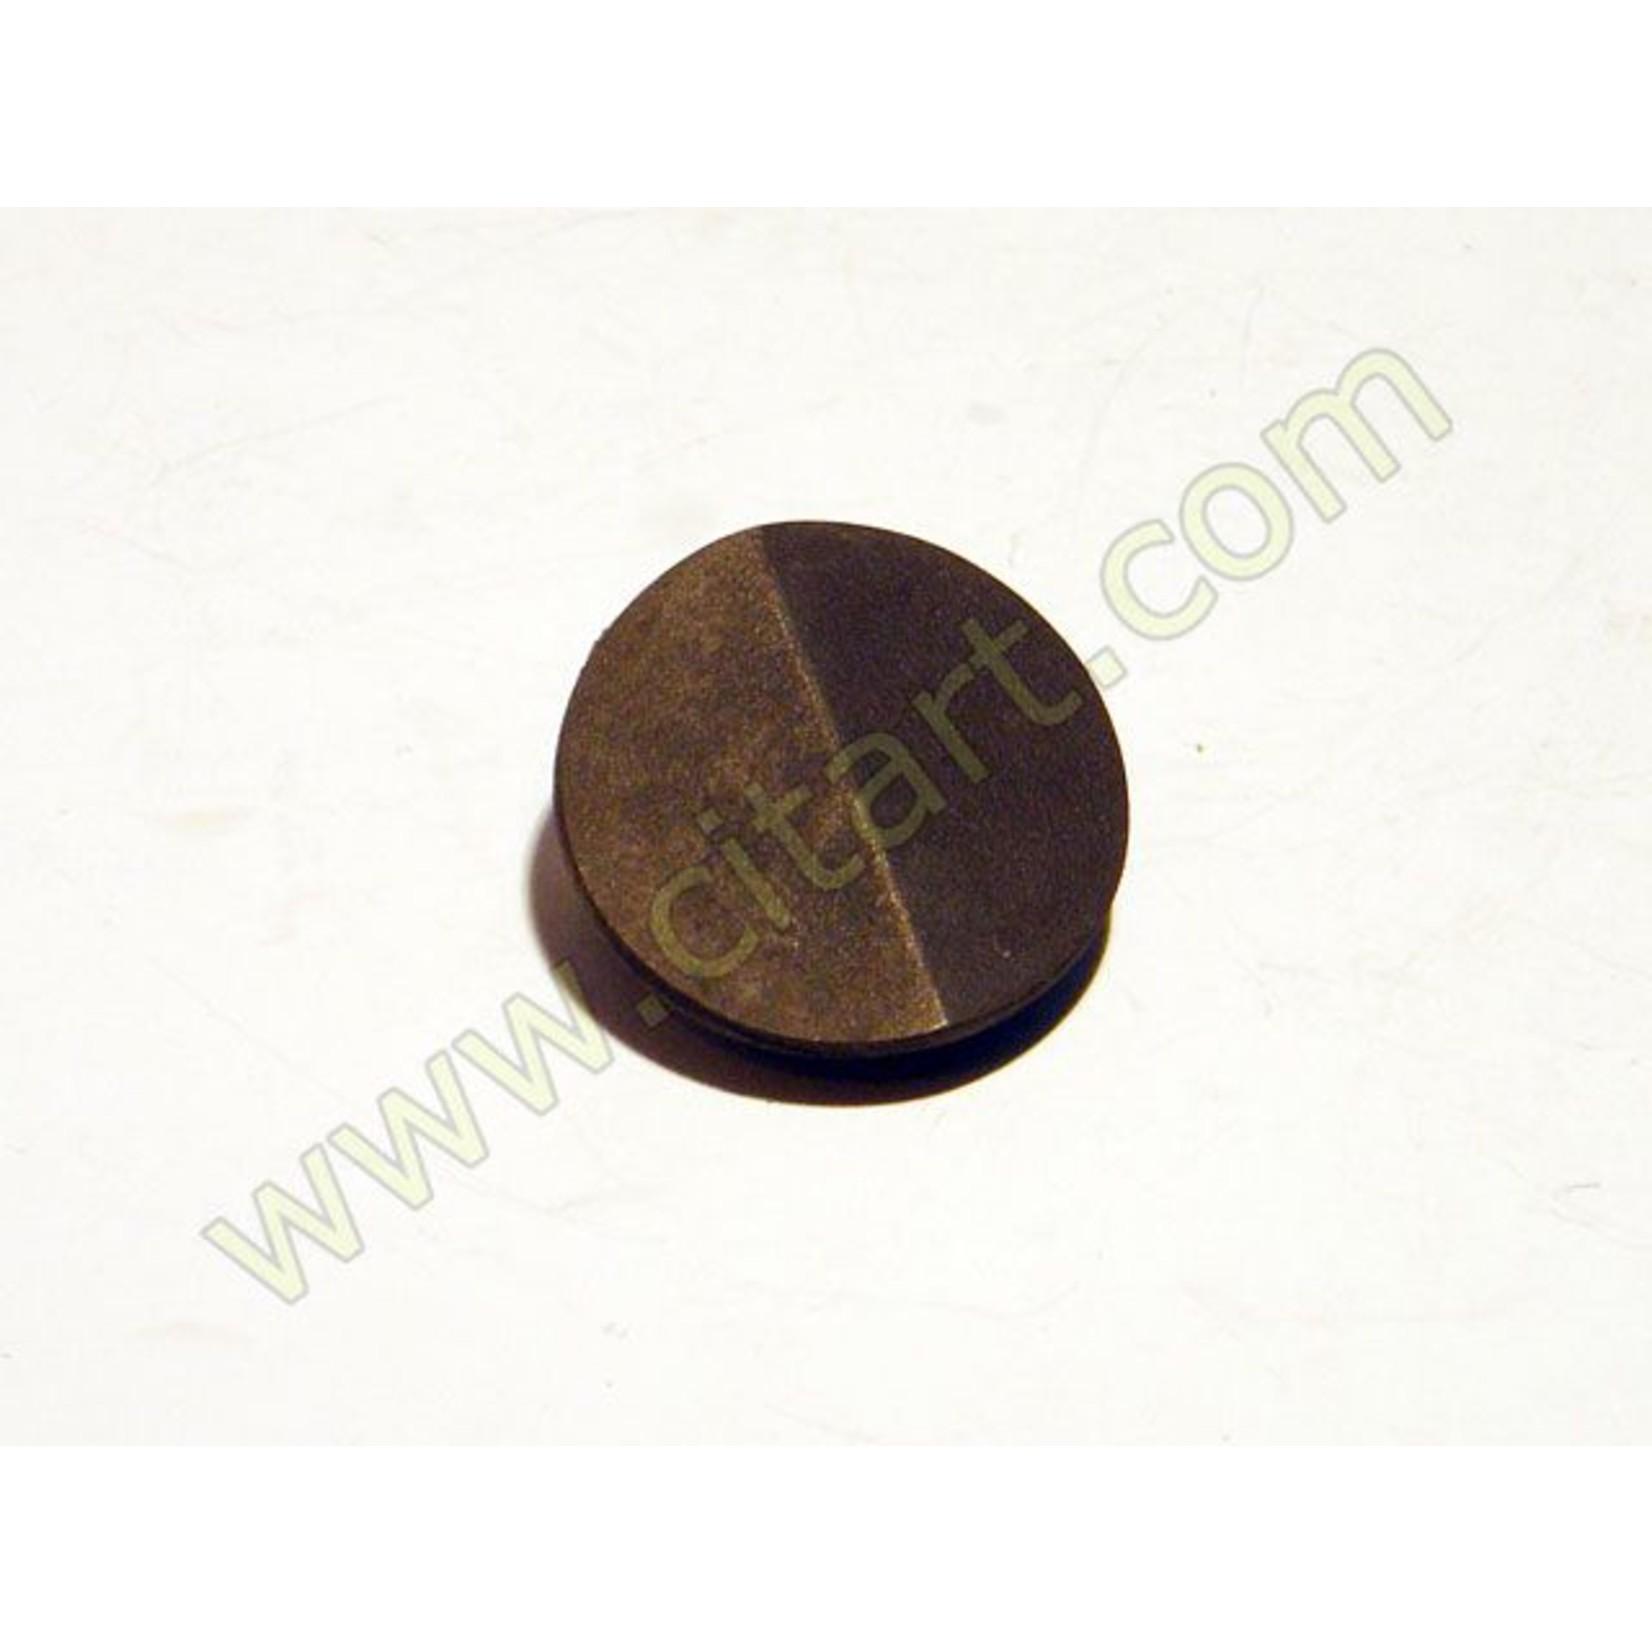 Obturador placa de matricula 69- Nr Org: DX25175A